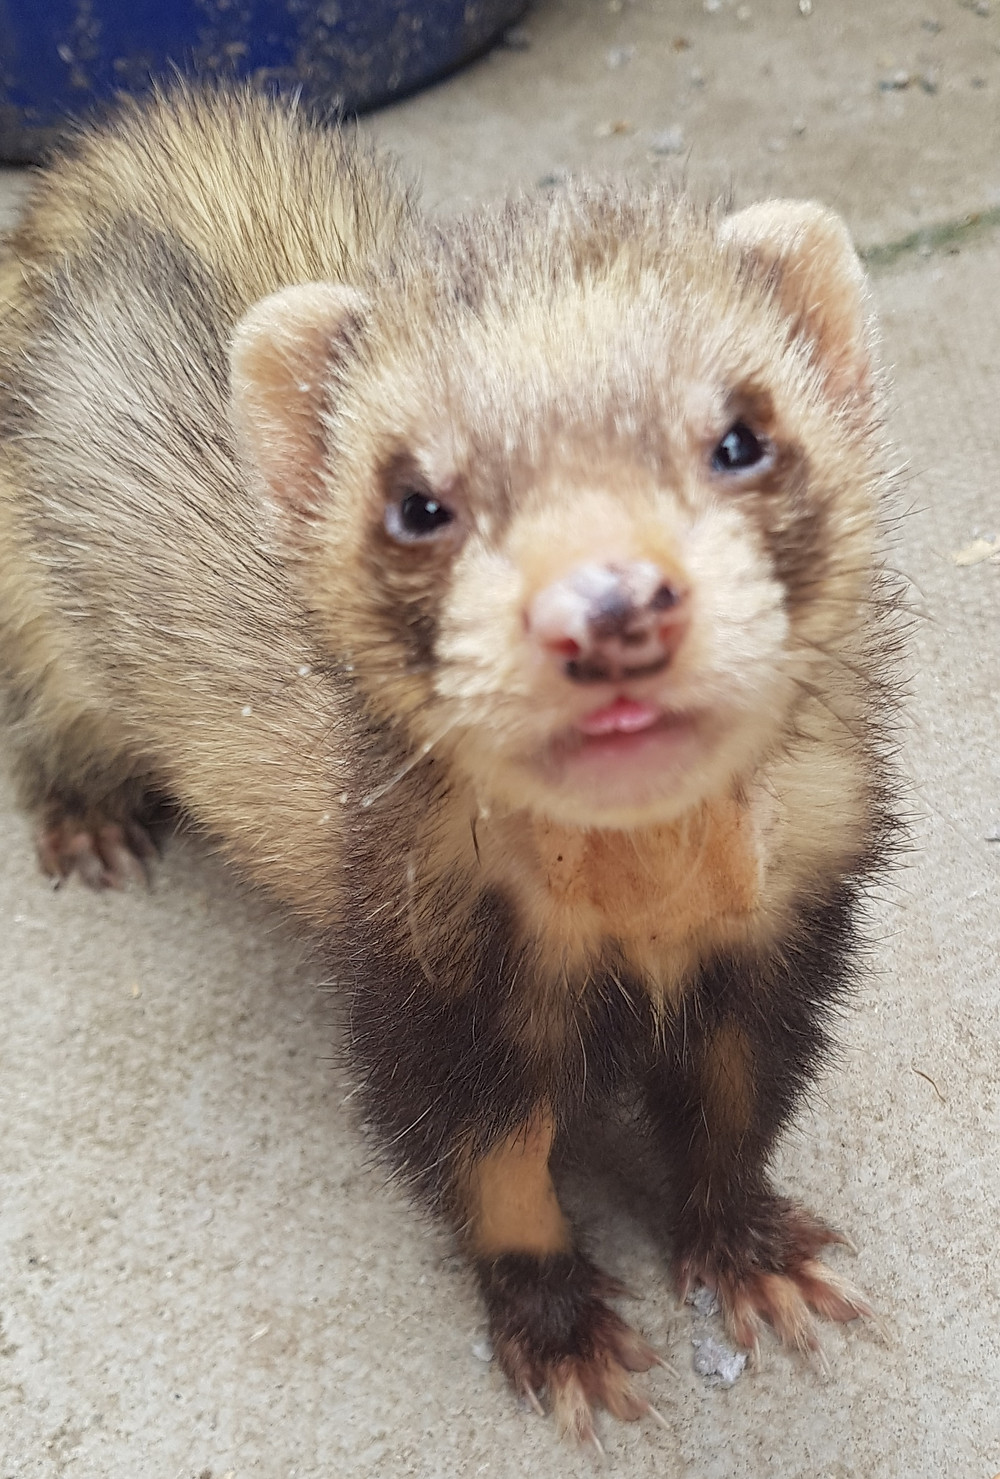 Ron the geriatric ferret